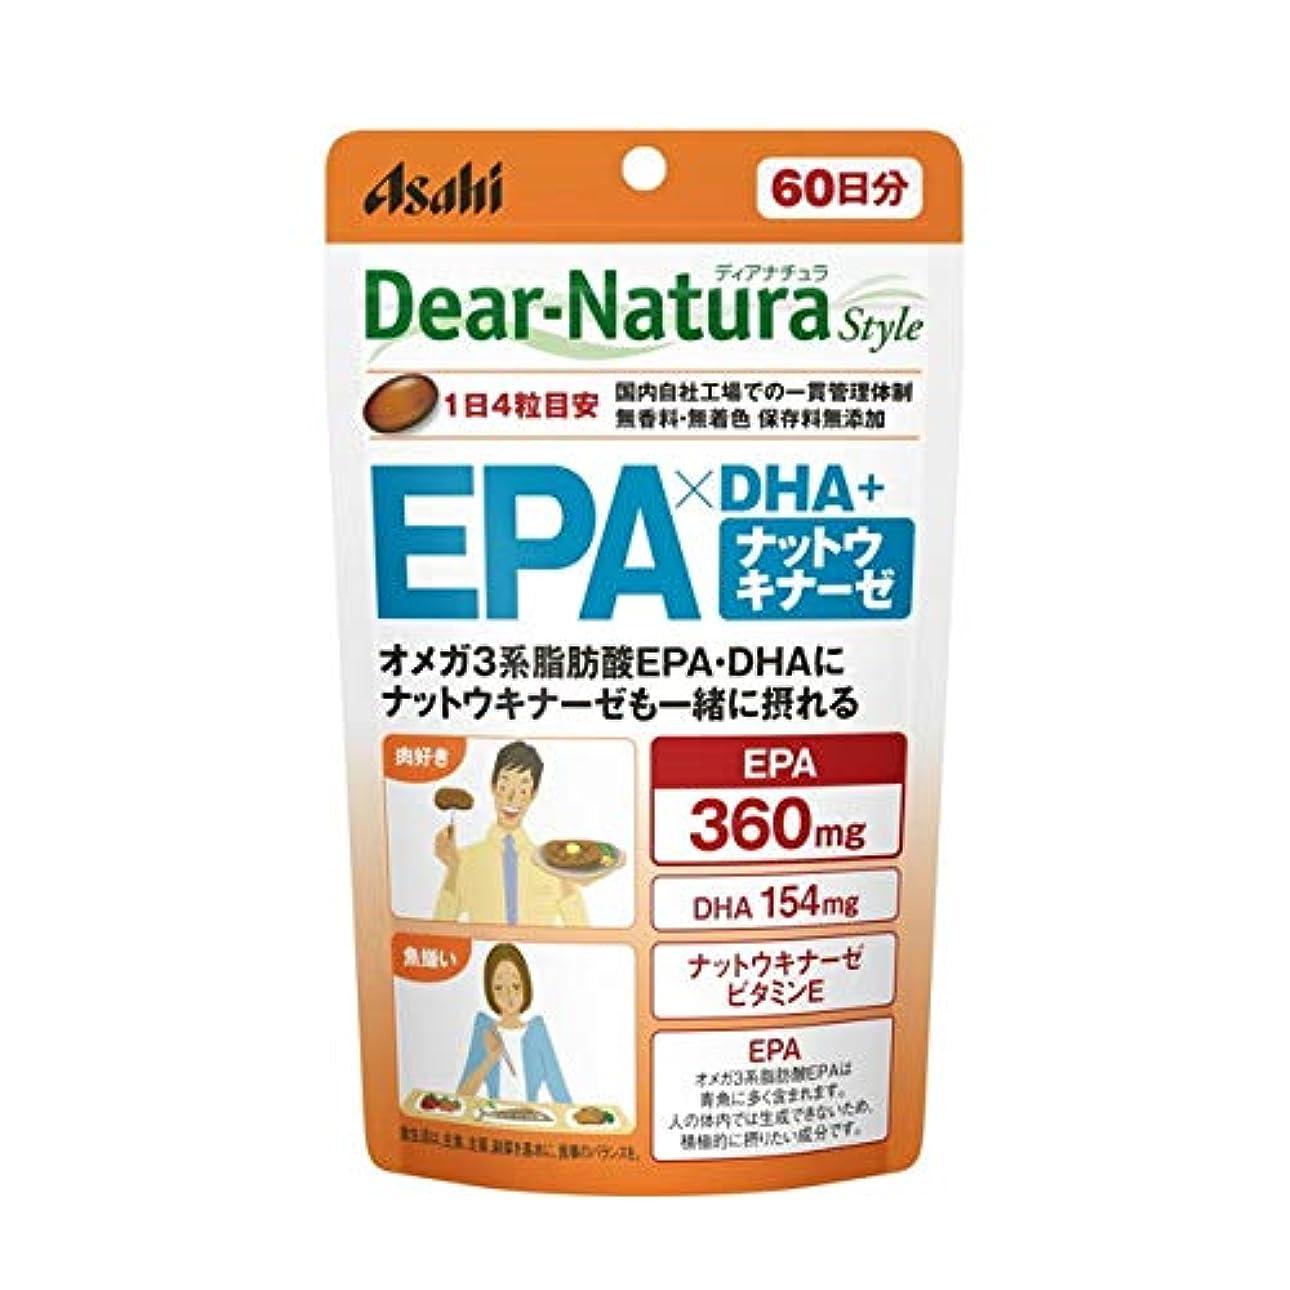 疾患わかる学者ディアナチュラスタイル EPA×DHA +ナットウキナーゼ 240粒 (60日分)